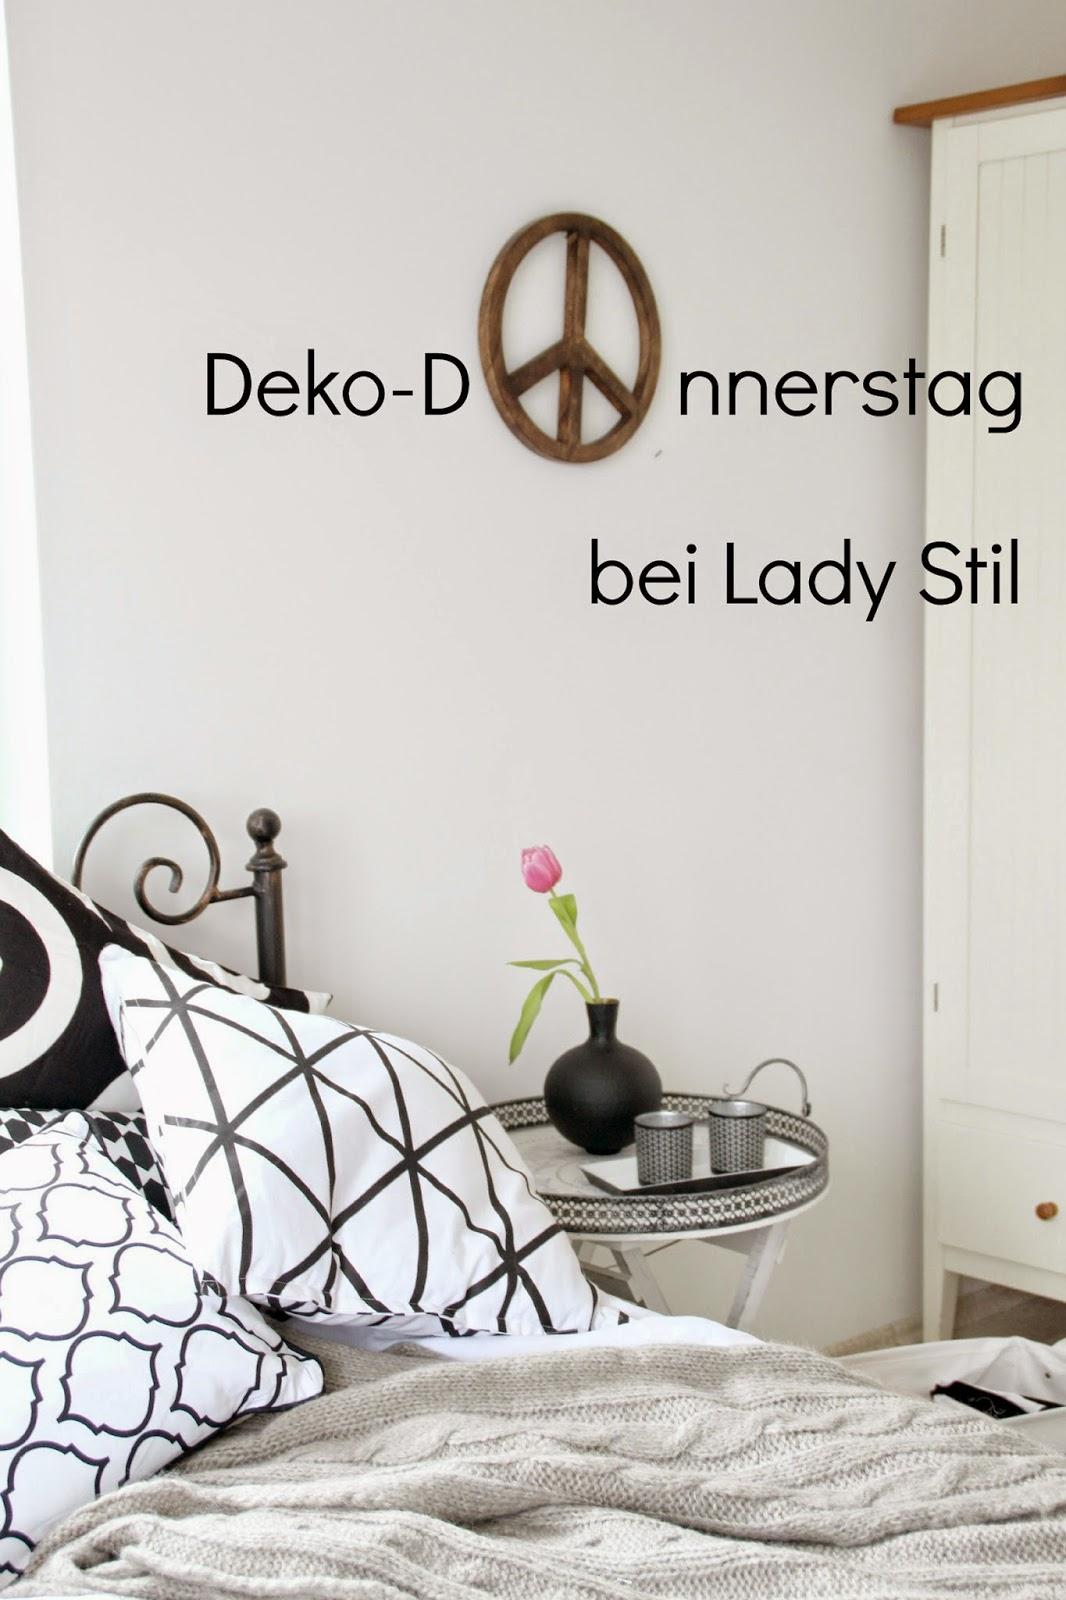 Deko-Donnerstag bei Ladystil